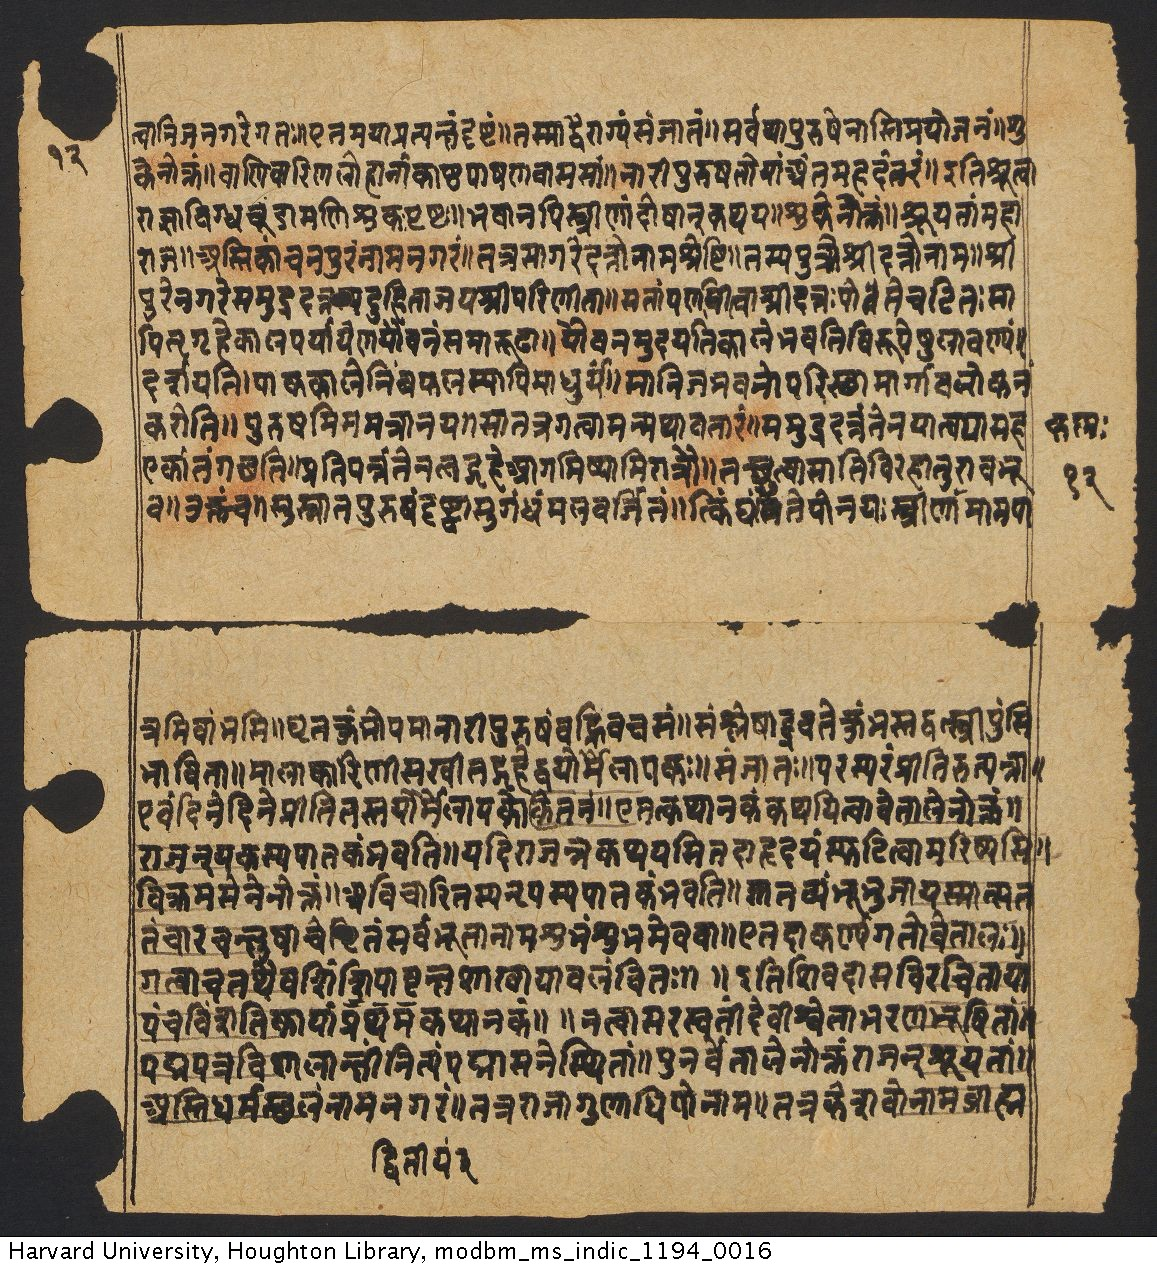 Śivadāsa, active 1487. Vetālapañcaviṃśati : manuscript. MS Indic 1194.